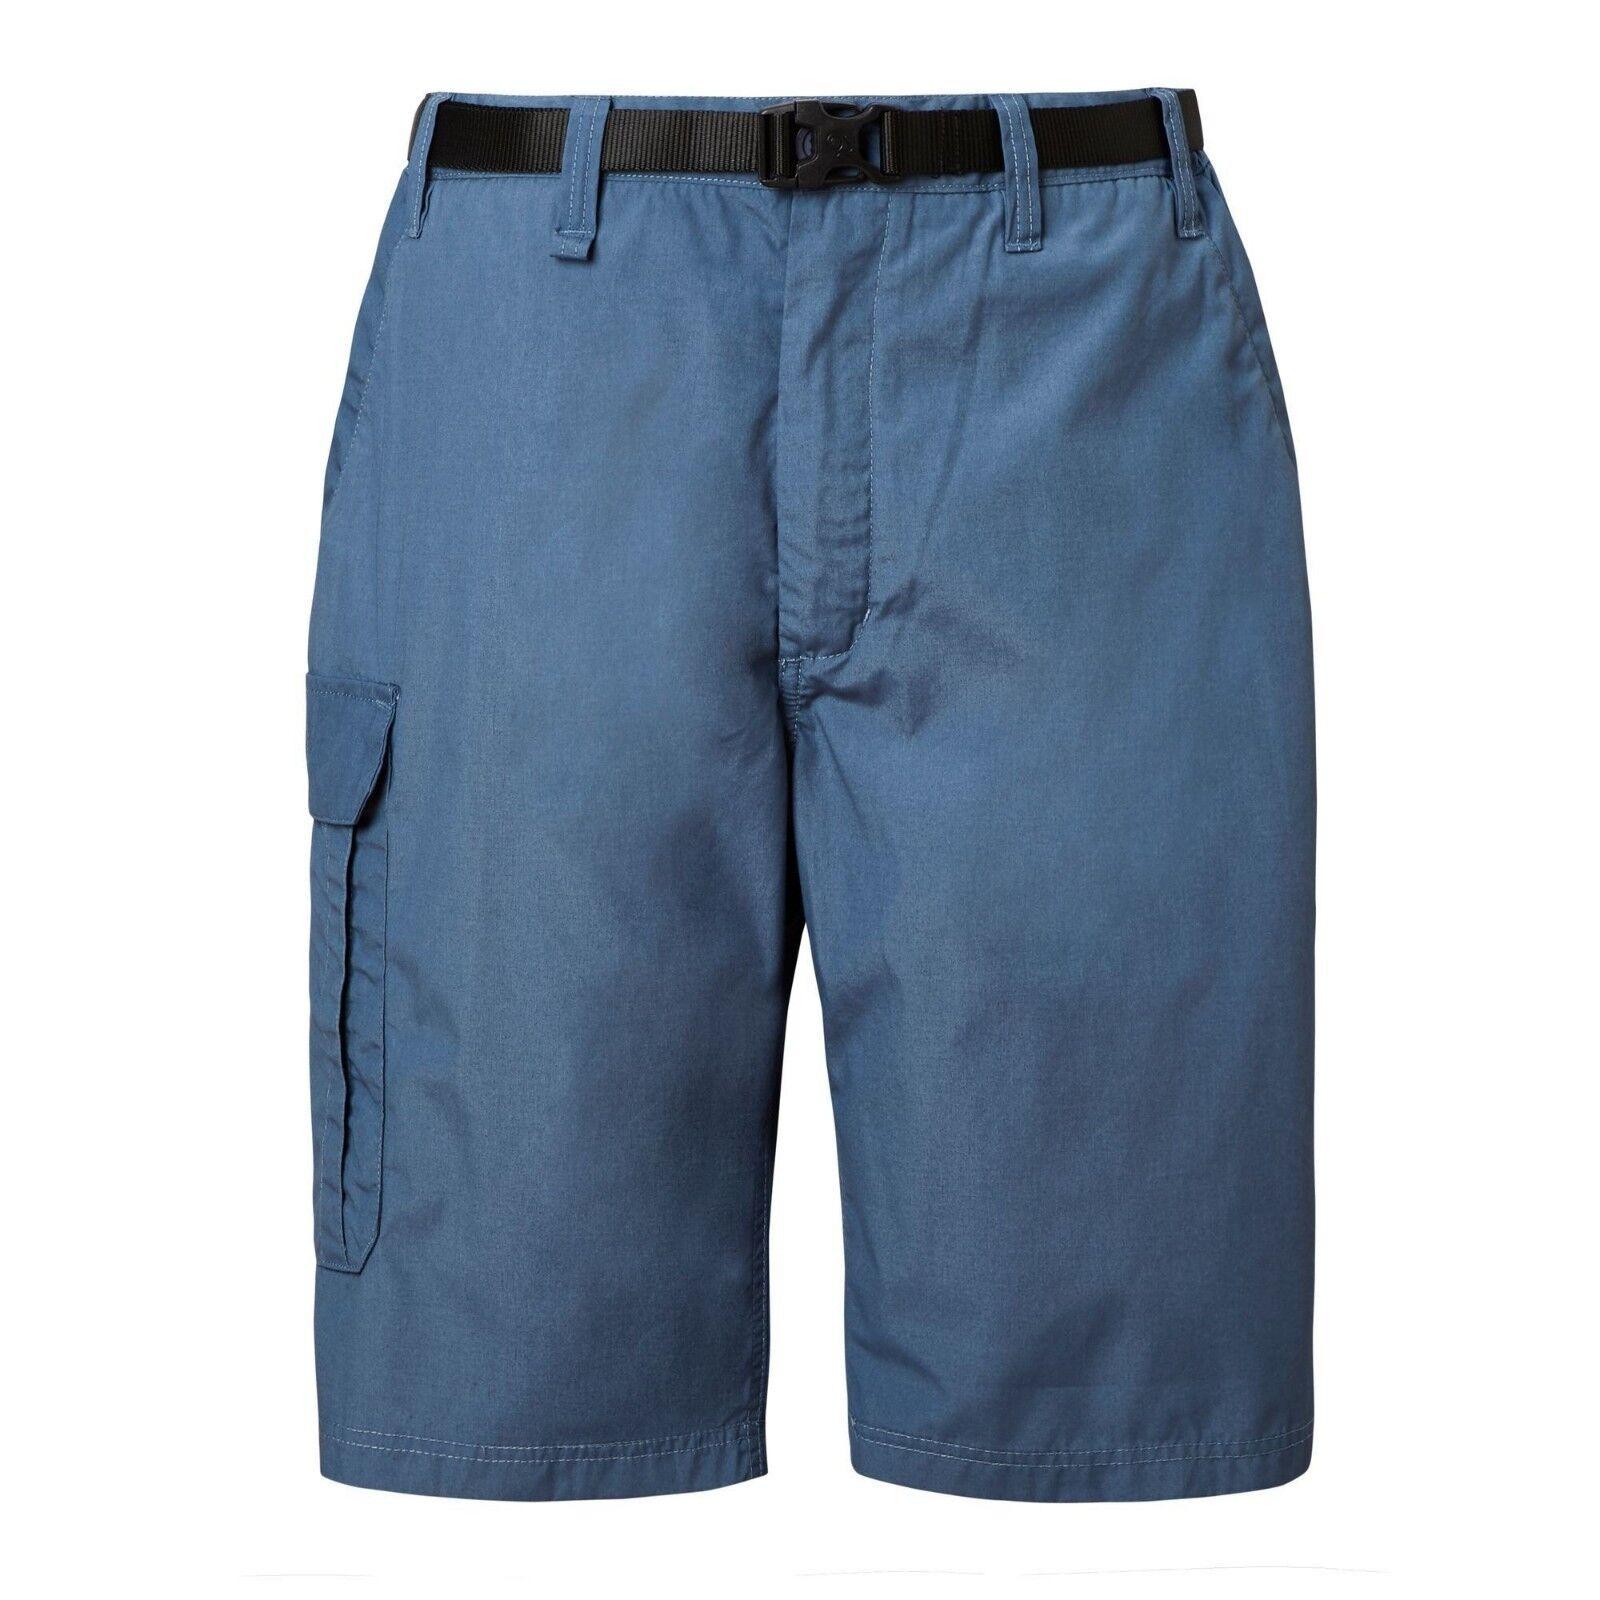 Craghoppers señores shorts  kiwi  solar y projoección contra insectos elástico PVP 59,95